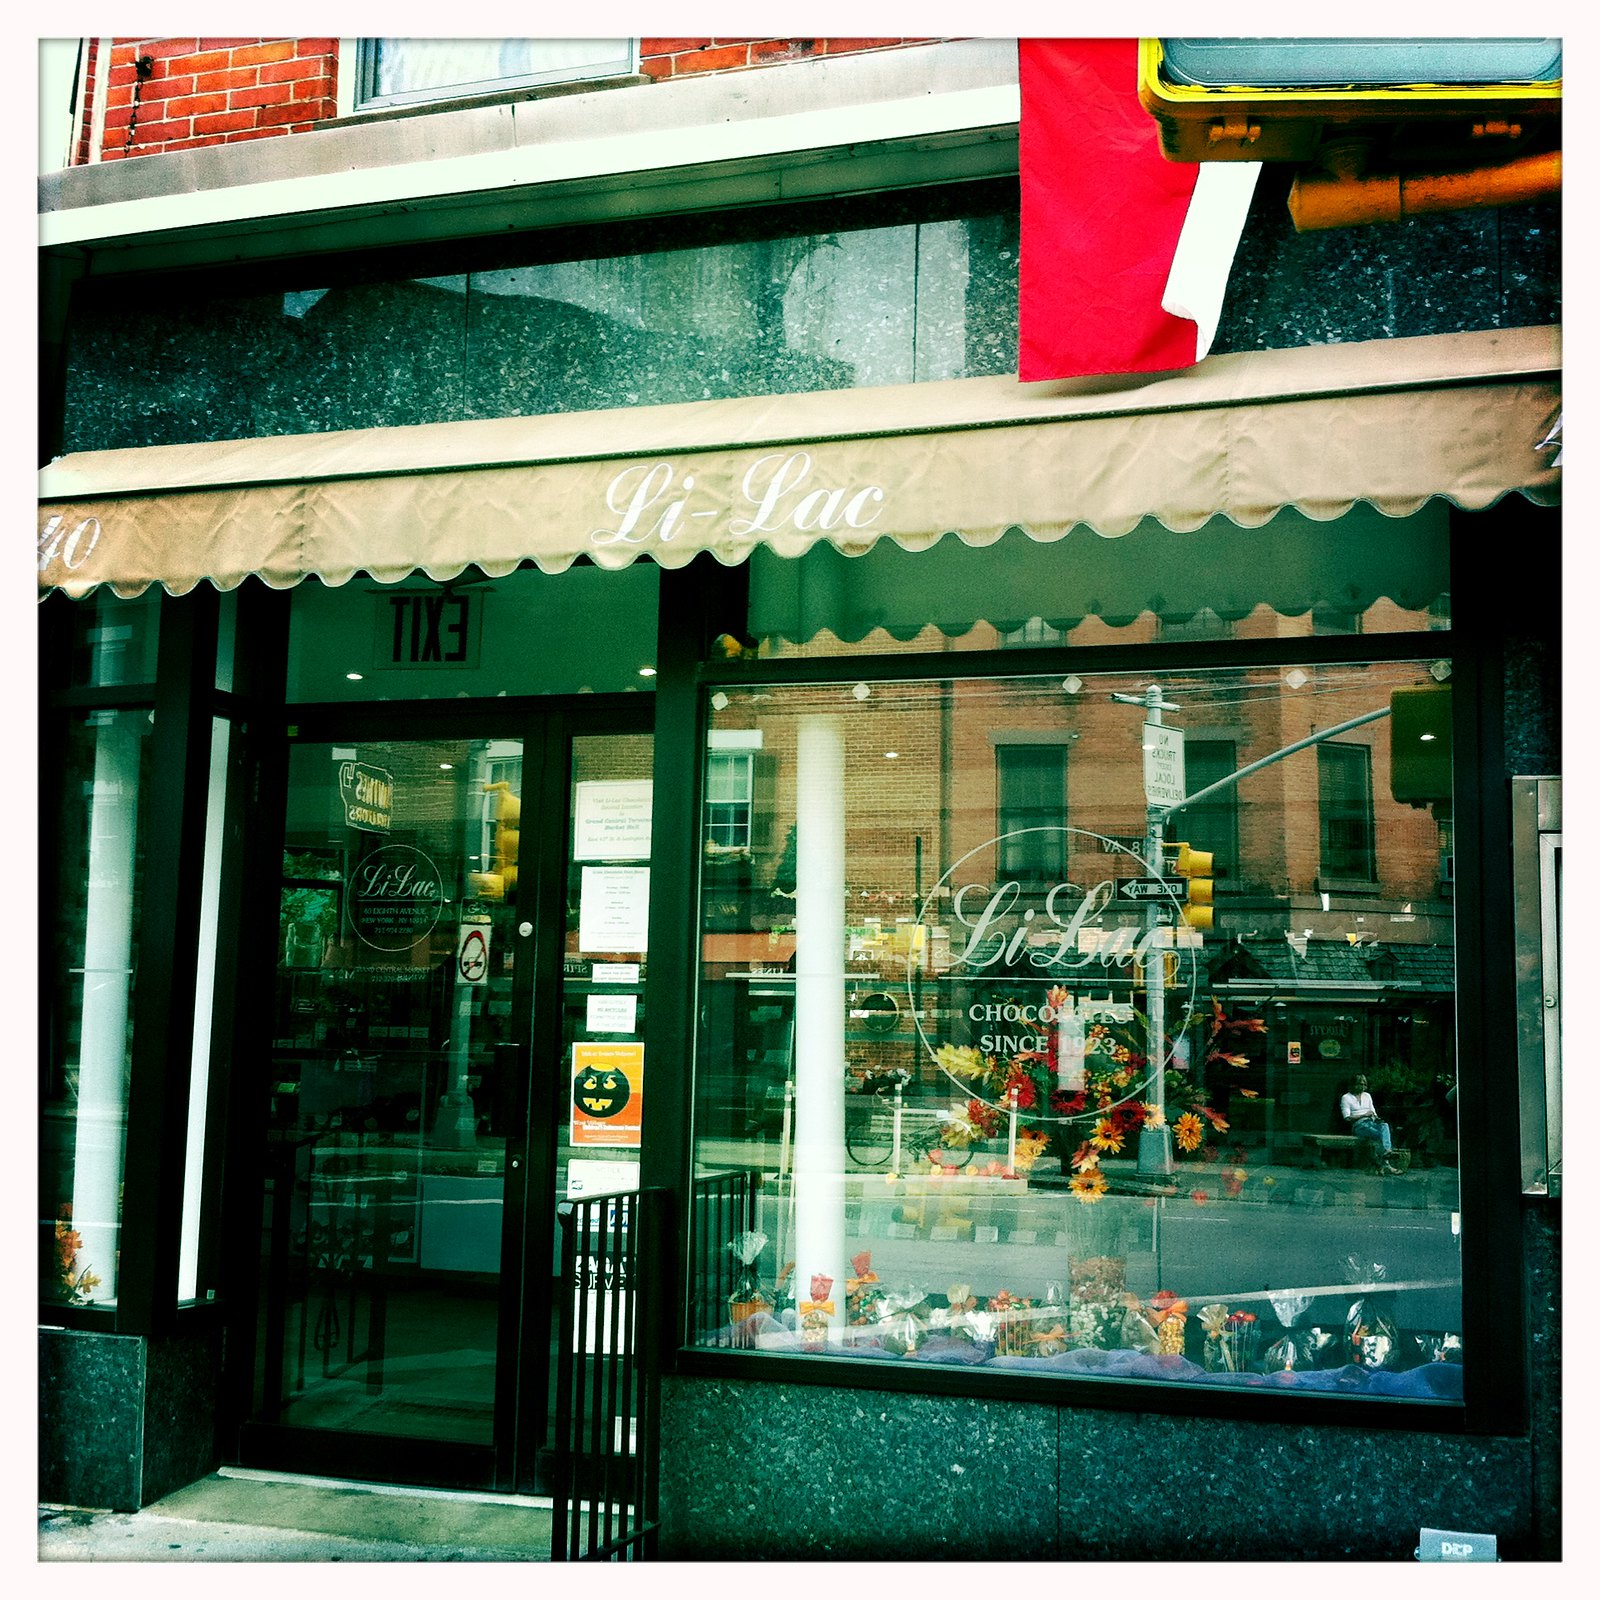 шоколадный магазин Ли-Лайк Шоколад Нью Йорк Li-Lac Chocolates